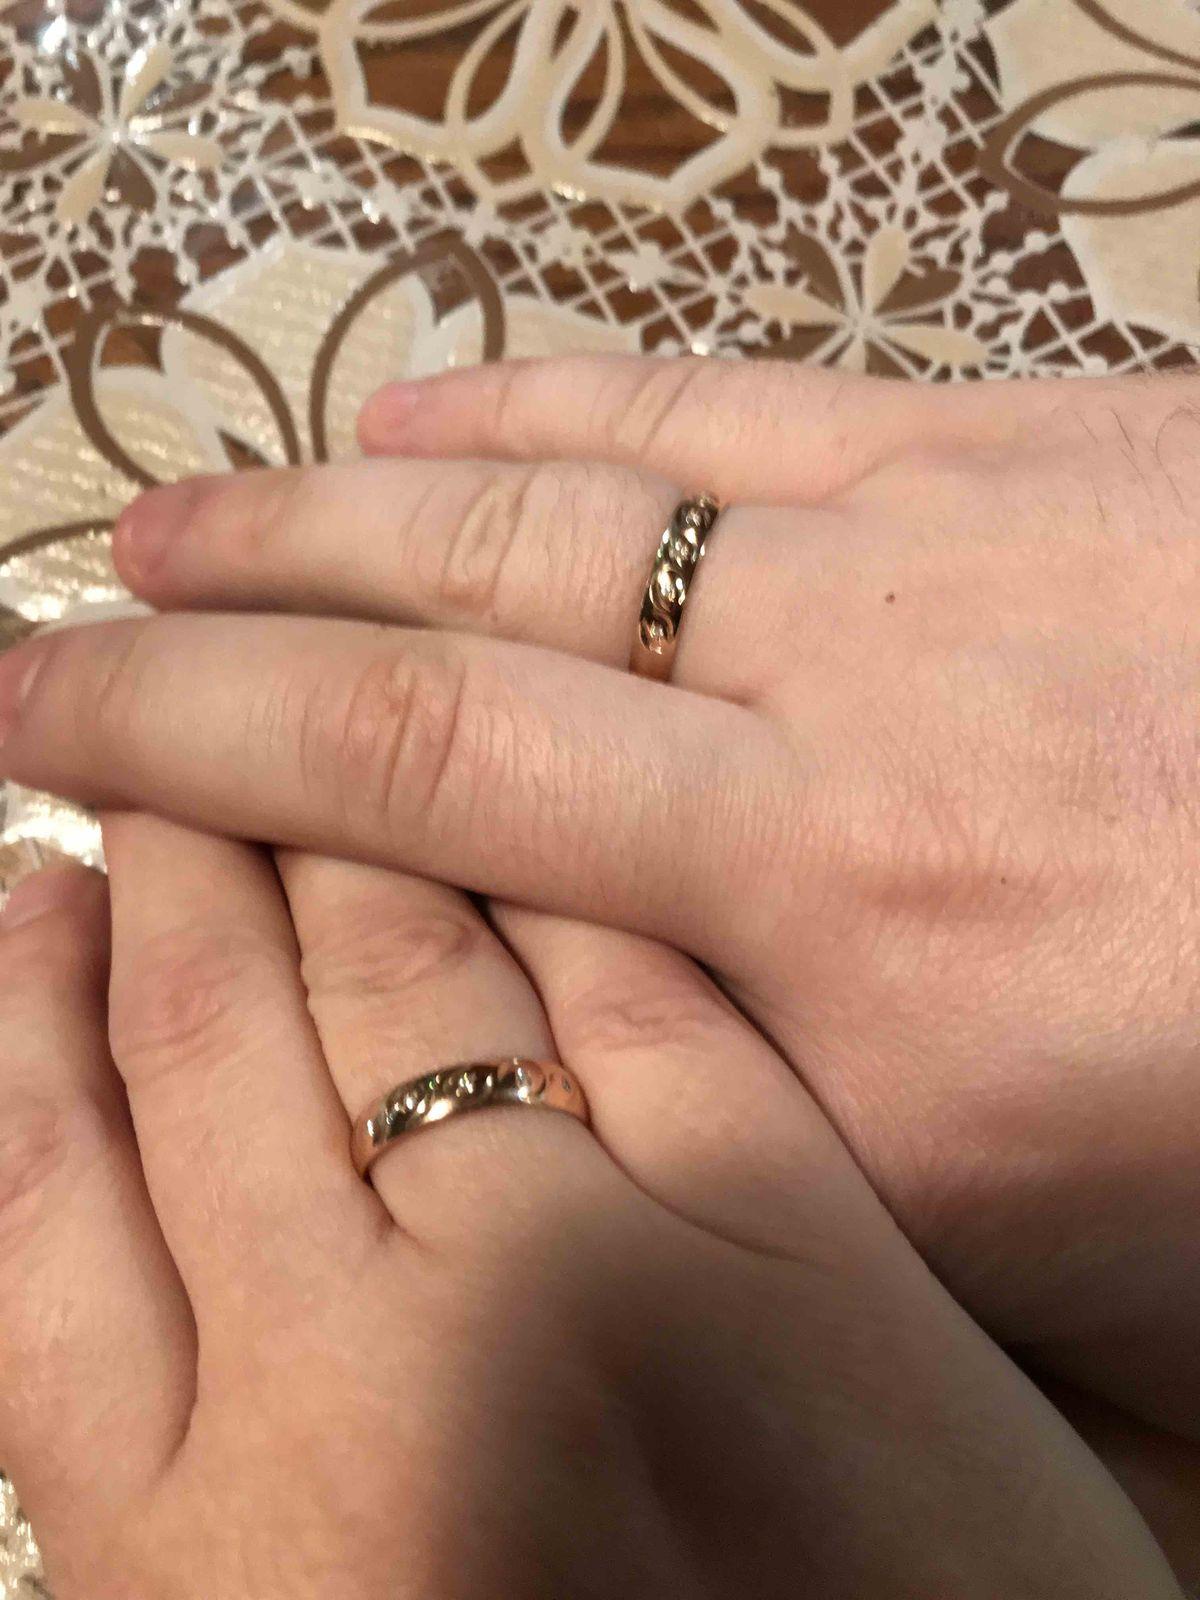 Искали с мужем обручальные кольца, увидели и влюбились сразу